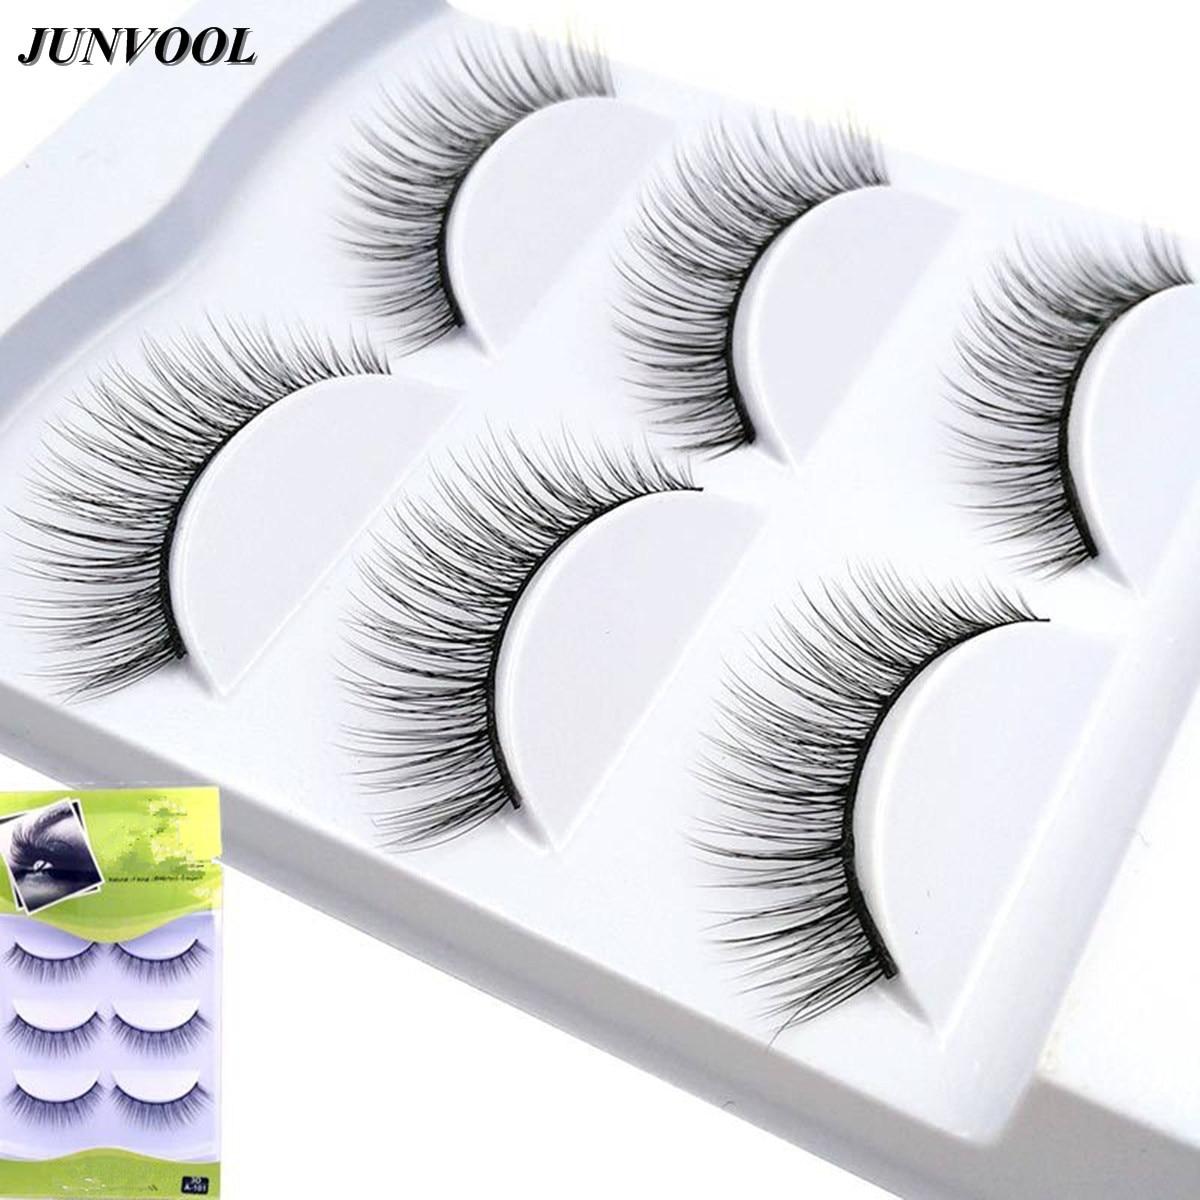 3D Mink ขนตา 3 - แต่งหน้า